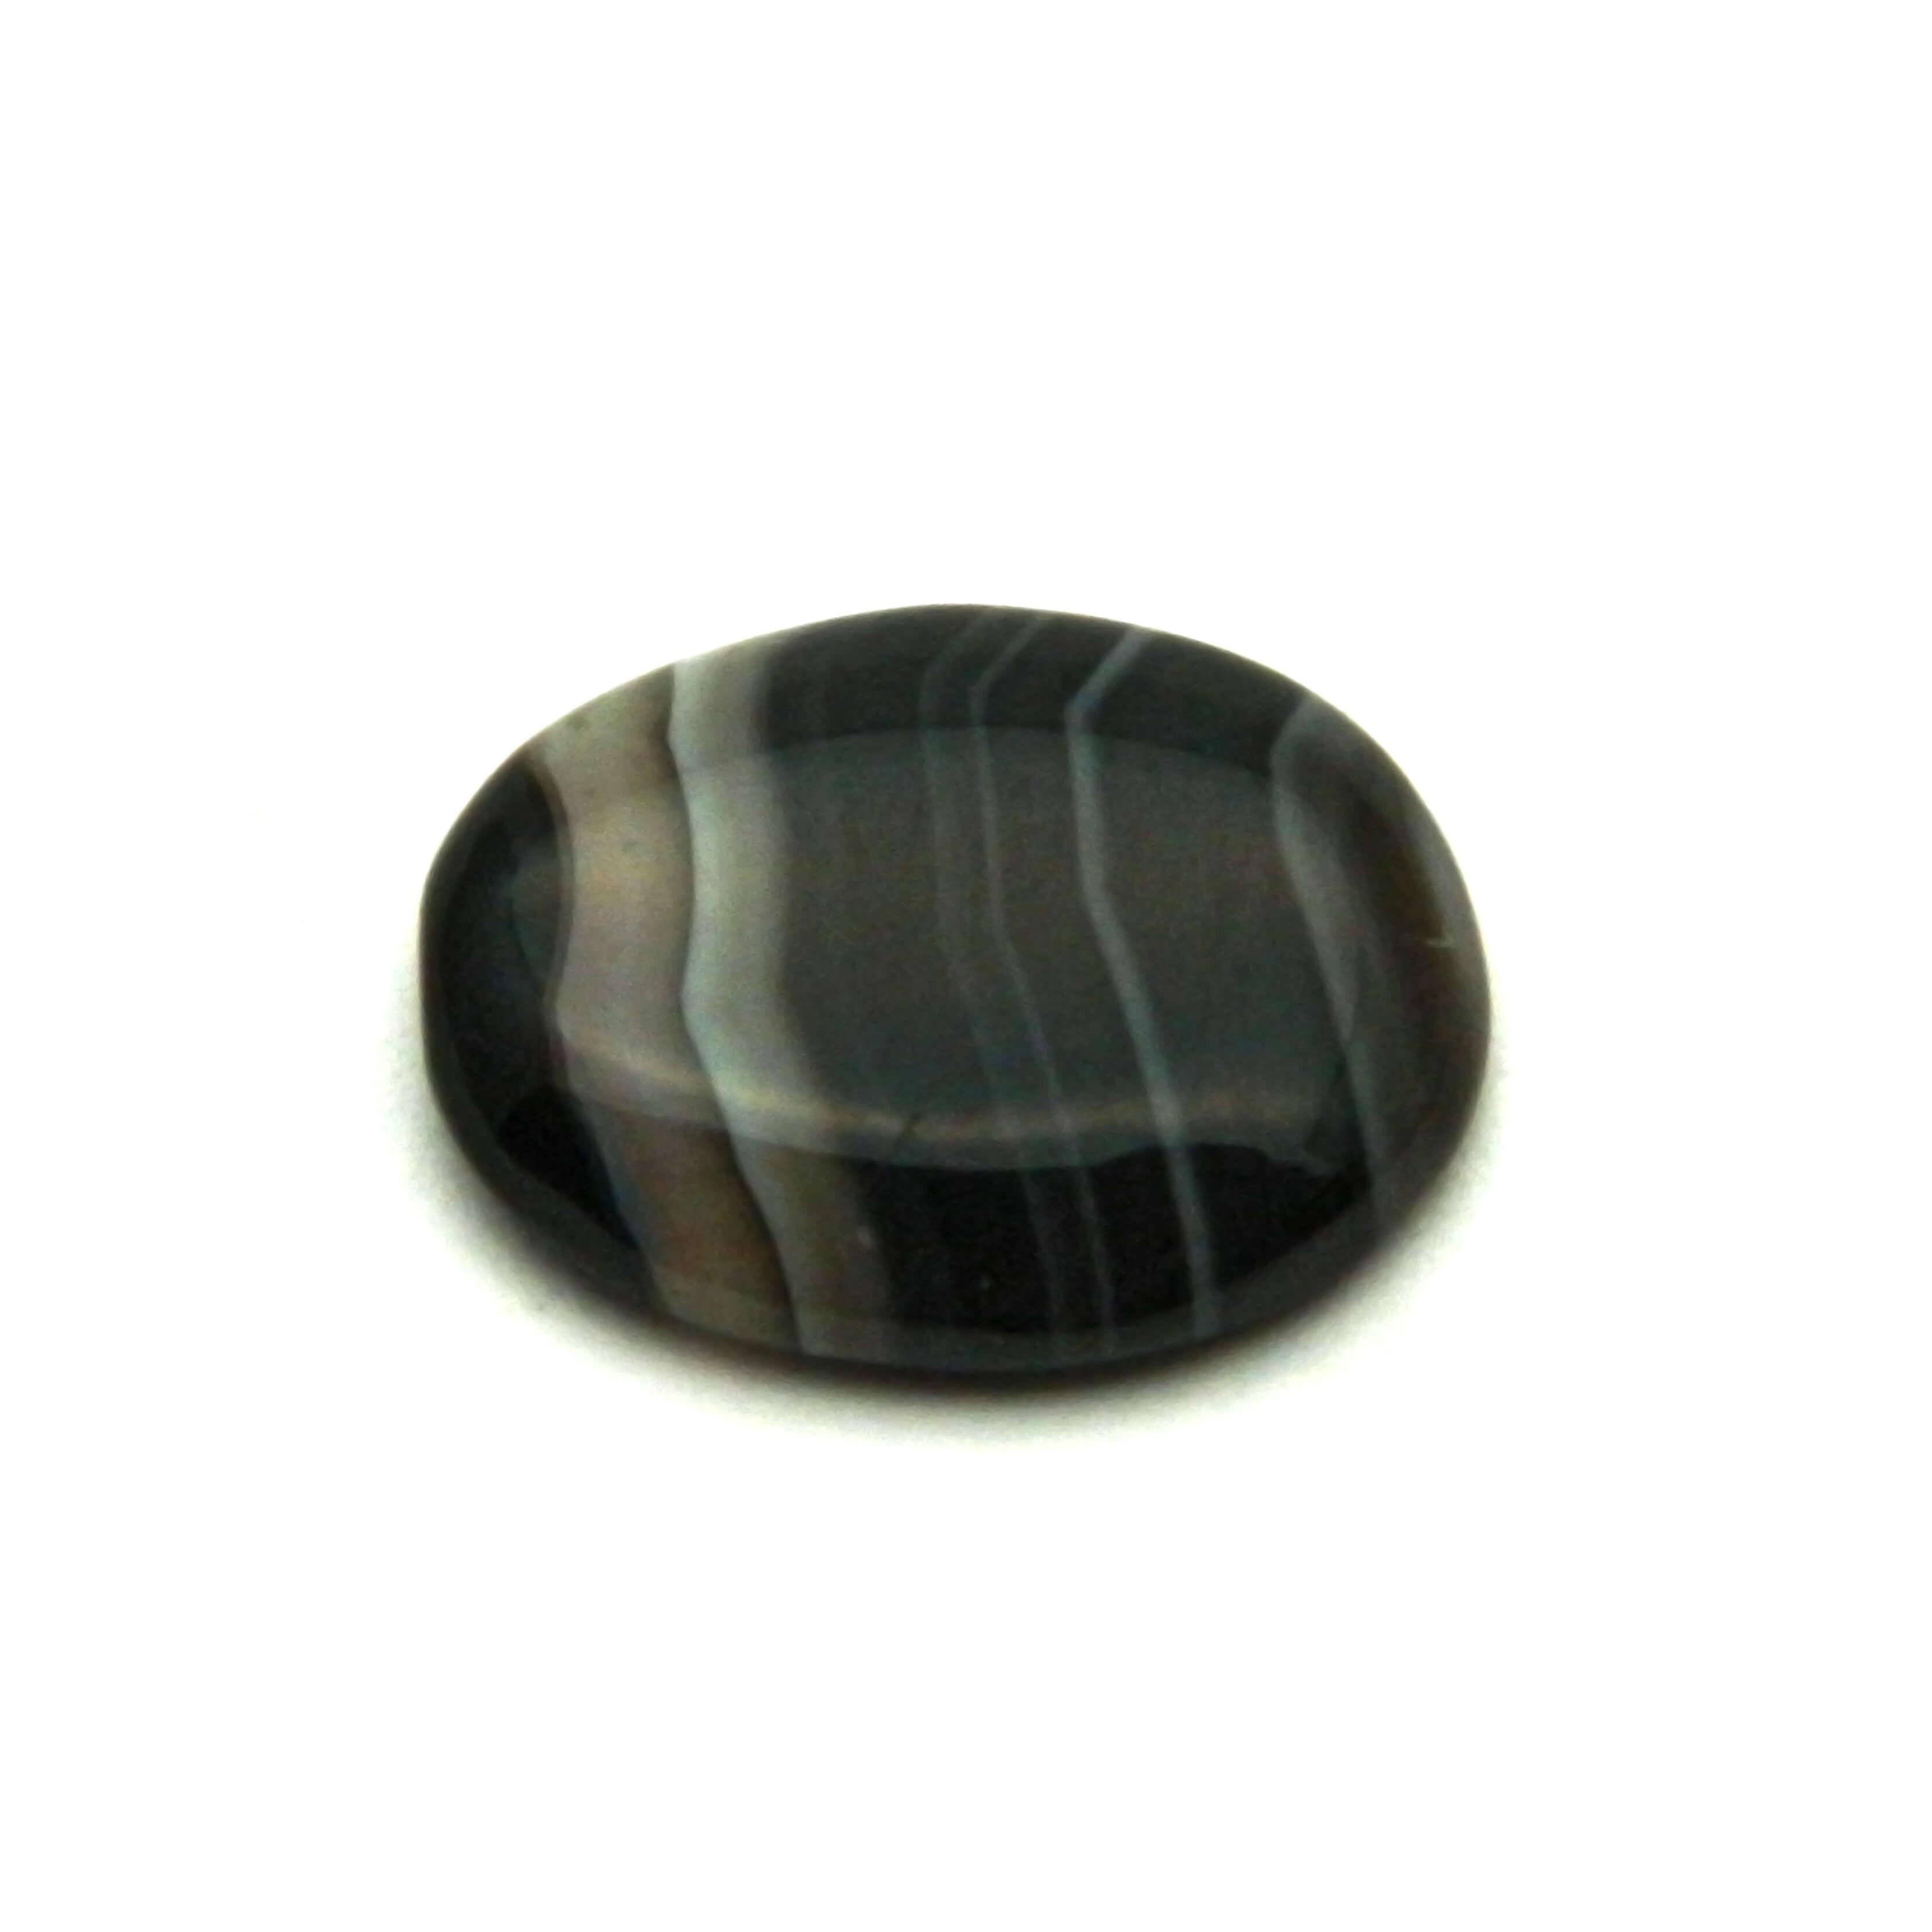 5.05 Carat Natural Agate (Sulemani Hakik) Gemstone